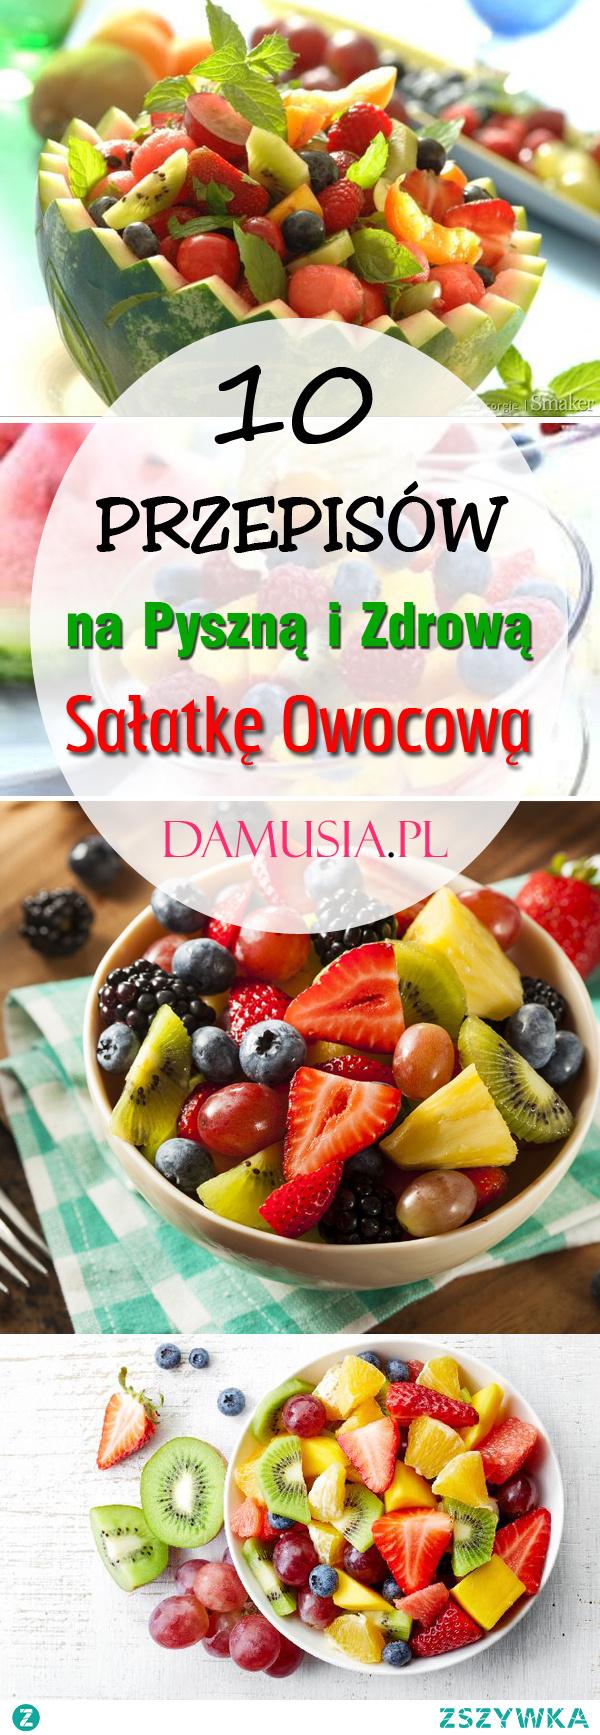 10 Pysznych i Zdrowych Przepisów na Sałatkę Owocową